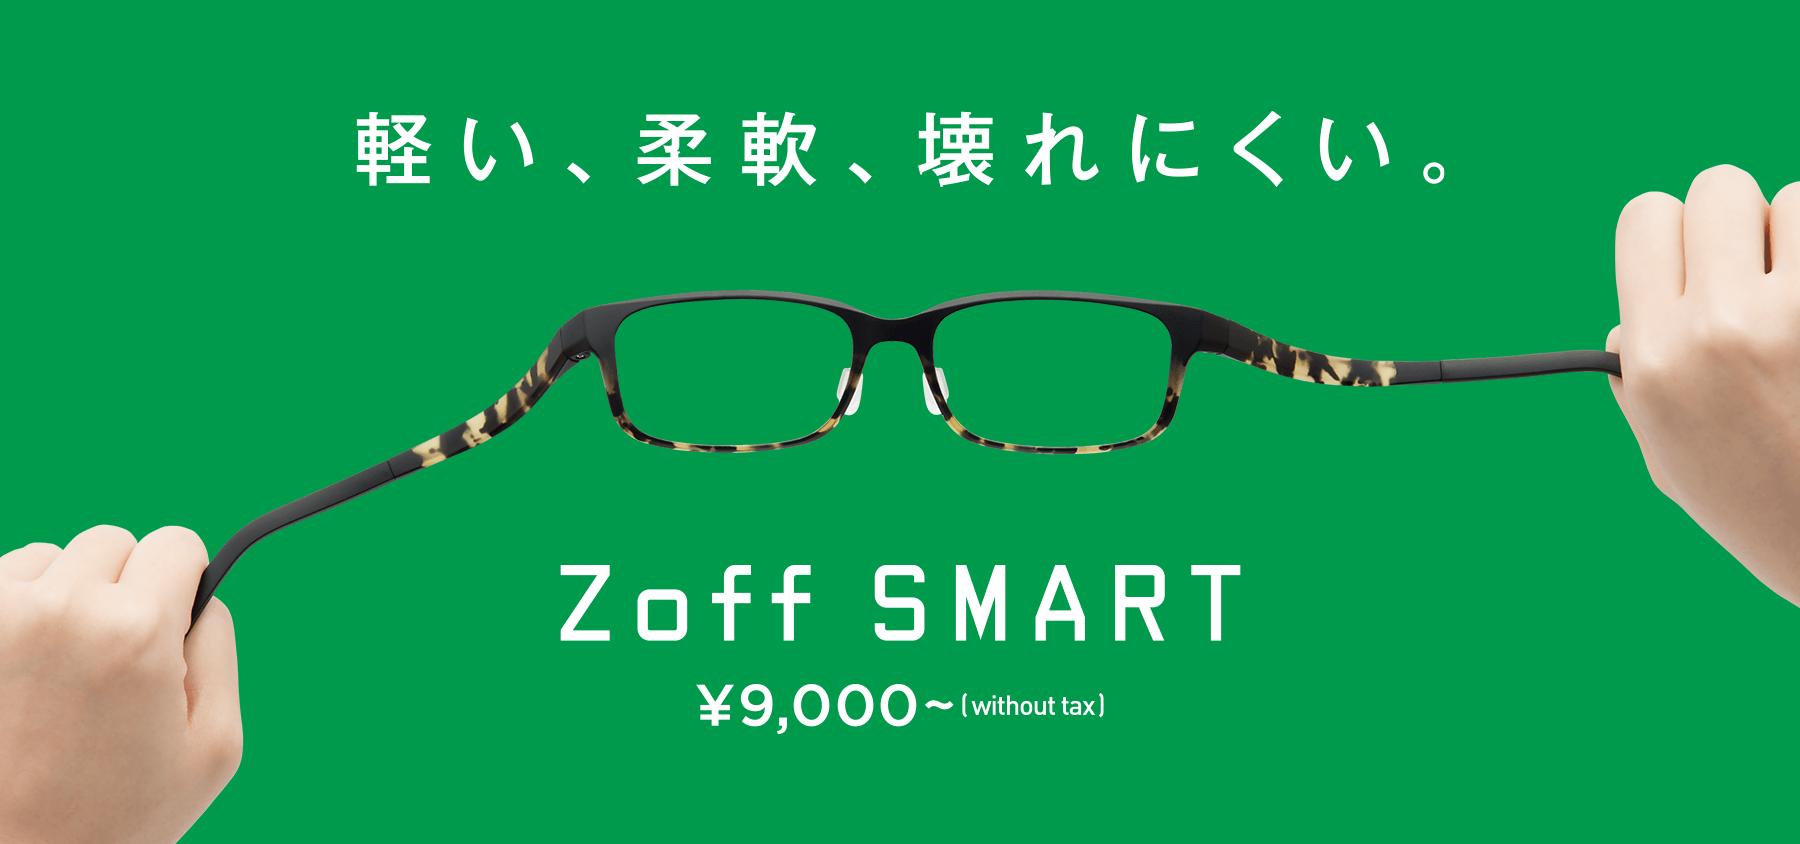 軽い、柔軟、壊れにくい。Zoff SMART